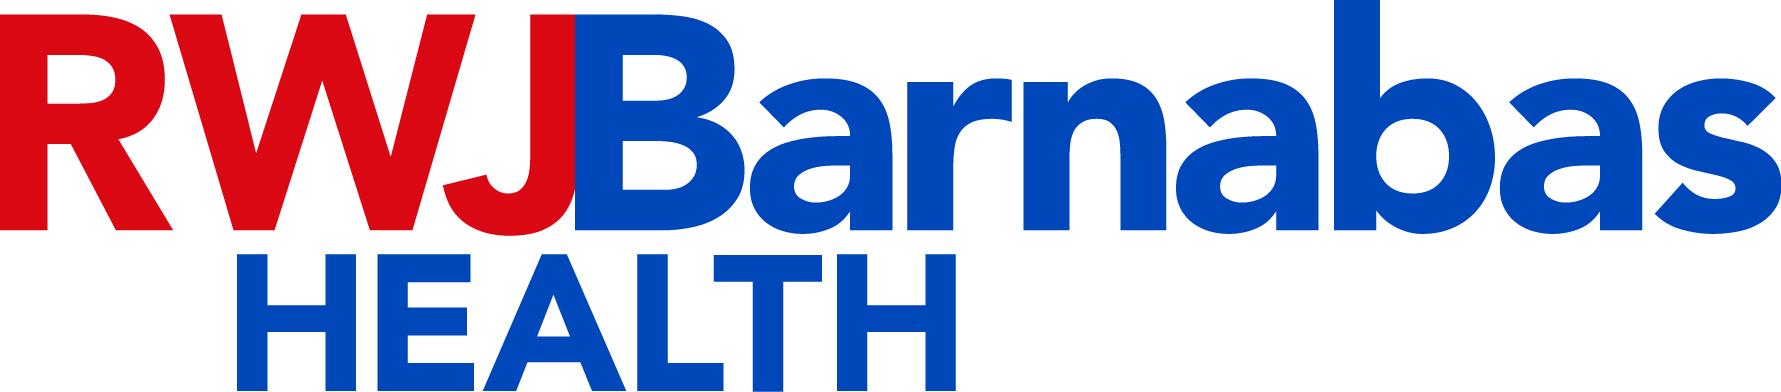 R W J Barnabas Health Logo